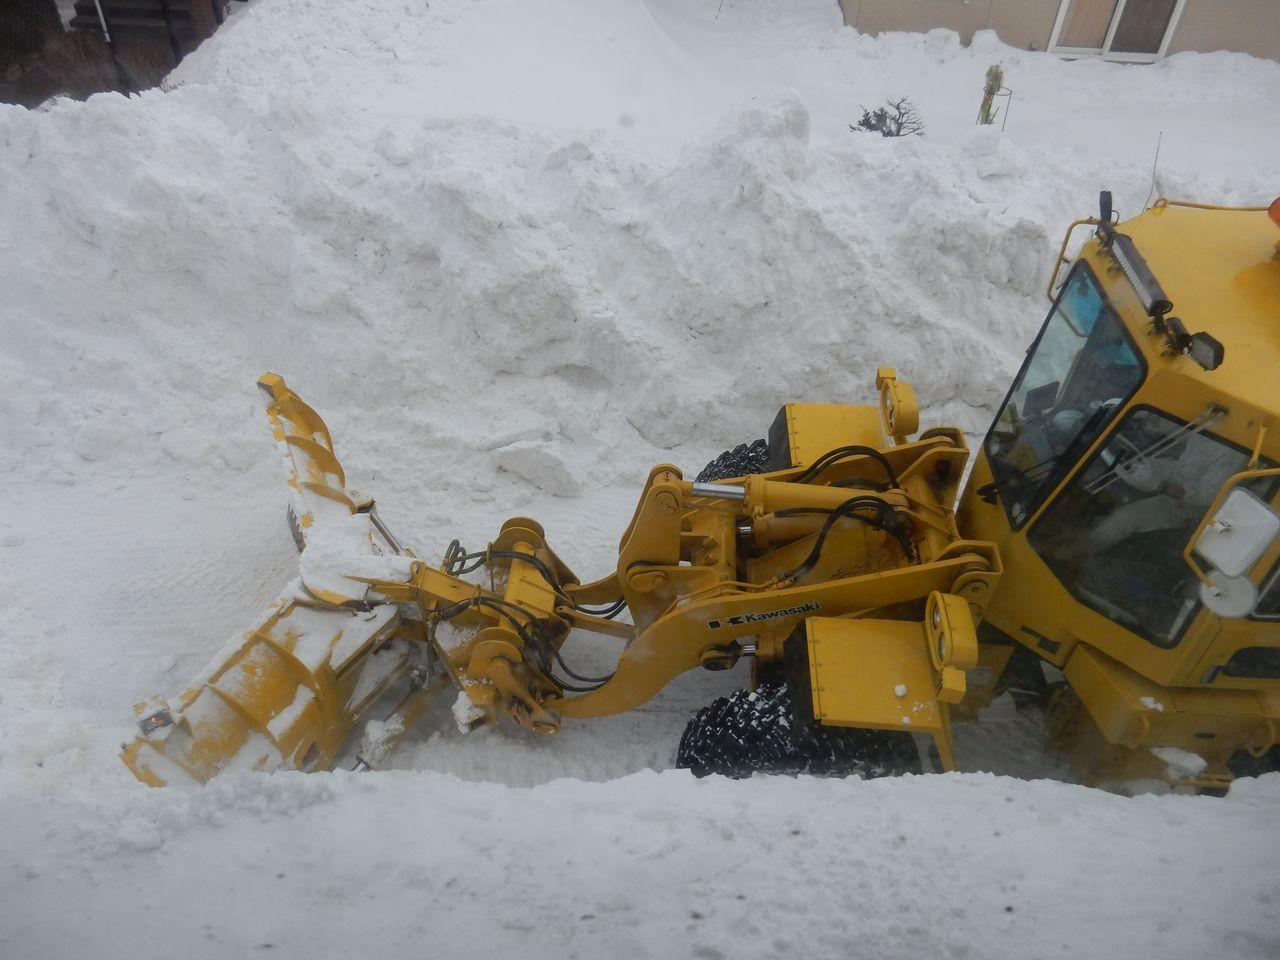 ようやく排雪チューズデー_c0025115_22111712.jpg